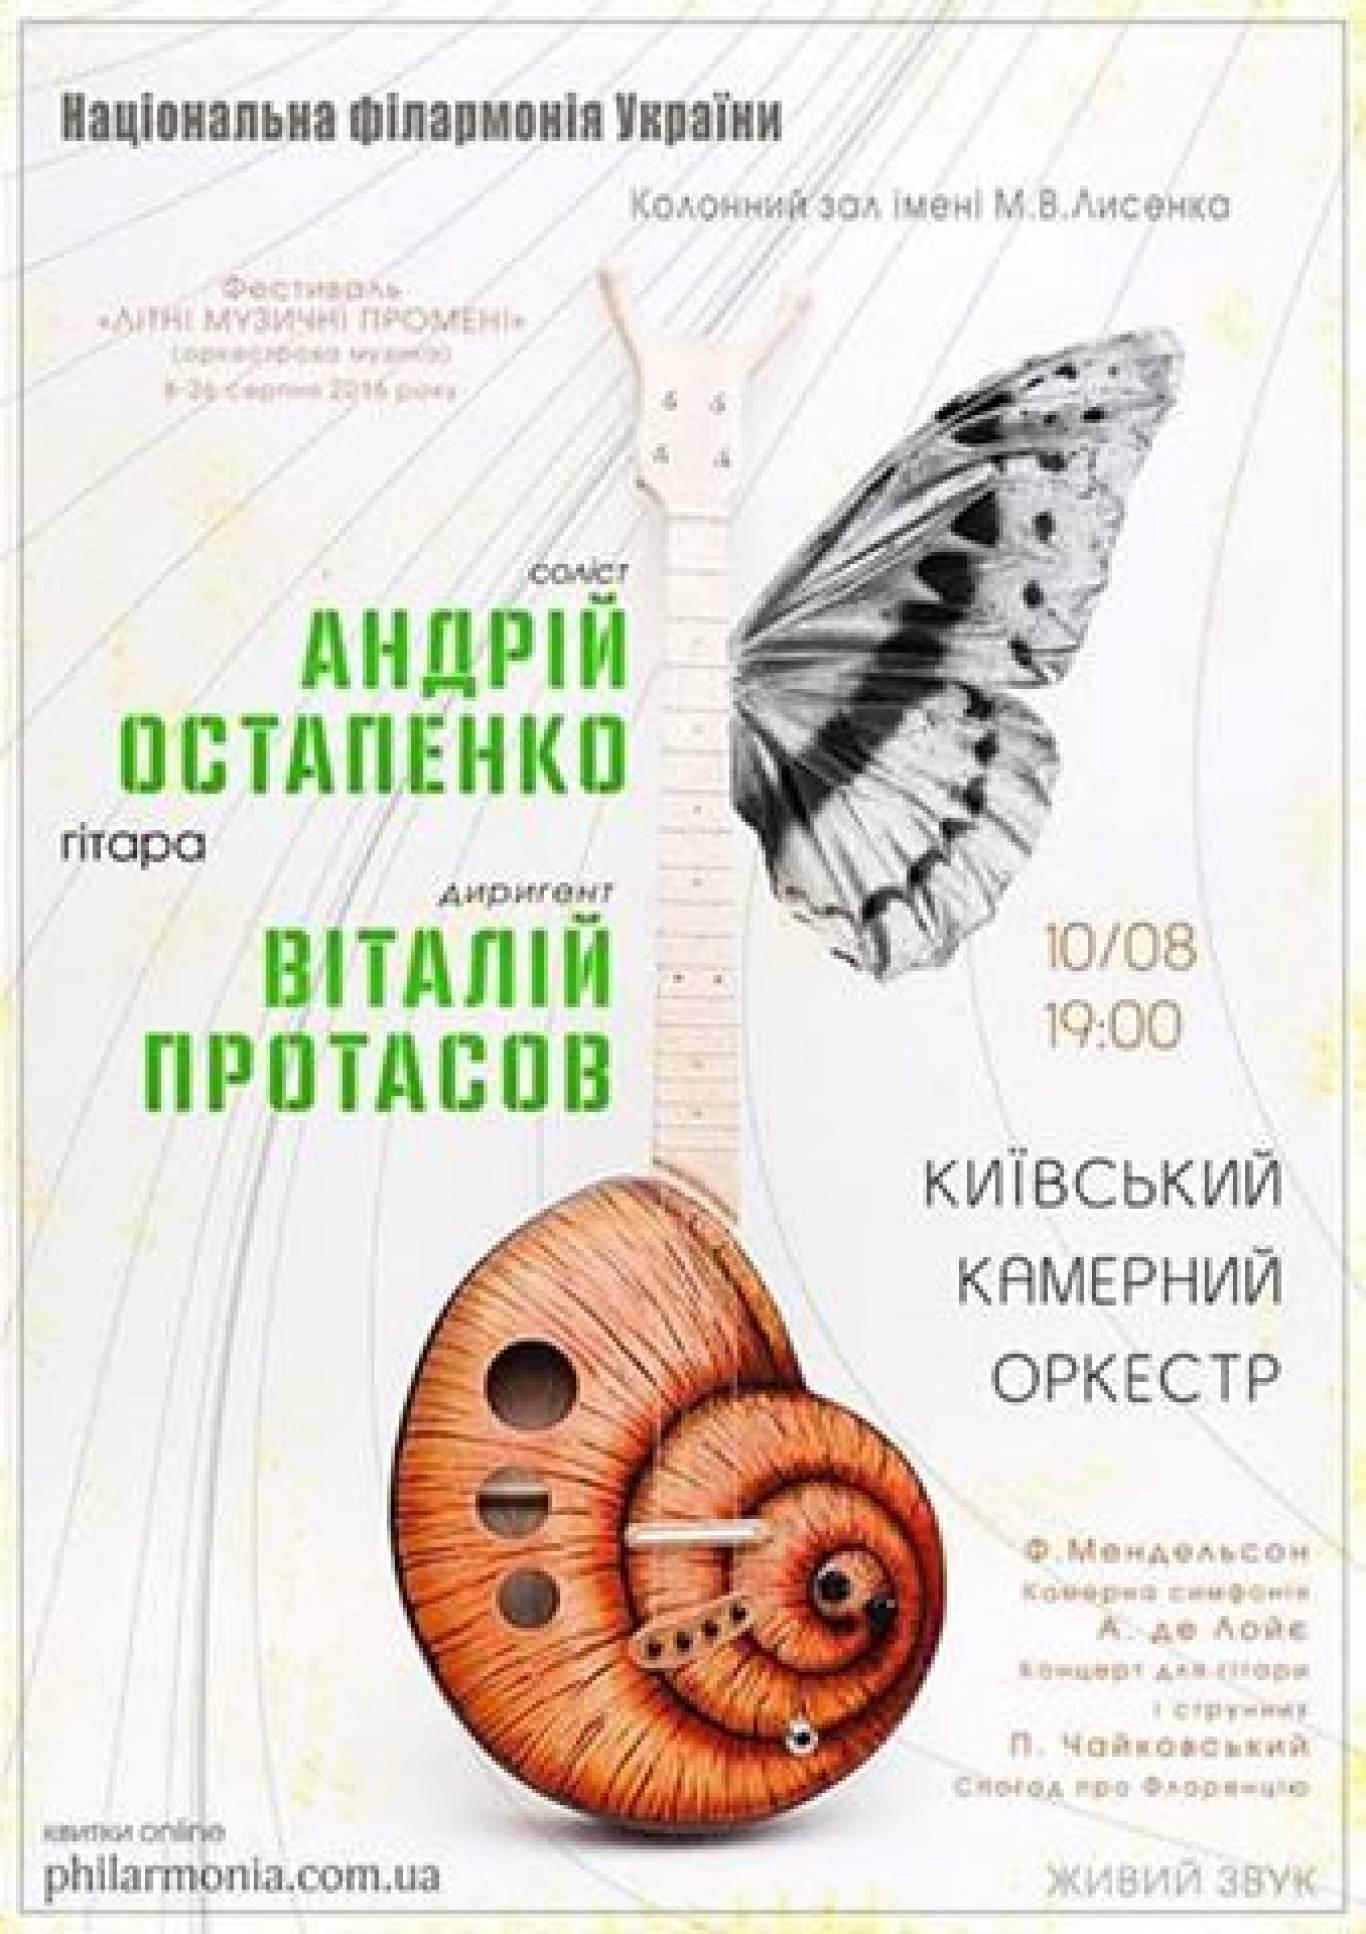 Фестиваль «Літні музичні промені» (оркестрова музика) в Національній філармонії